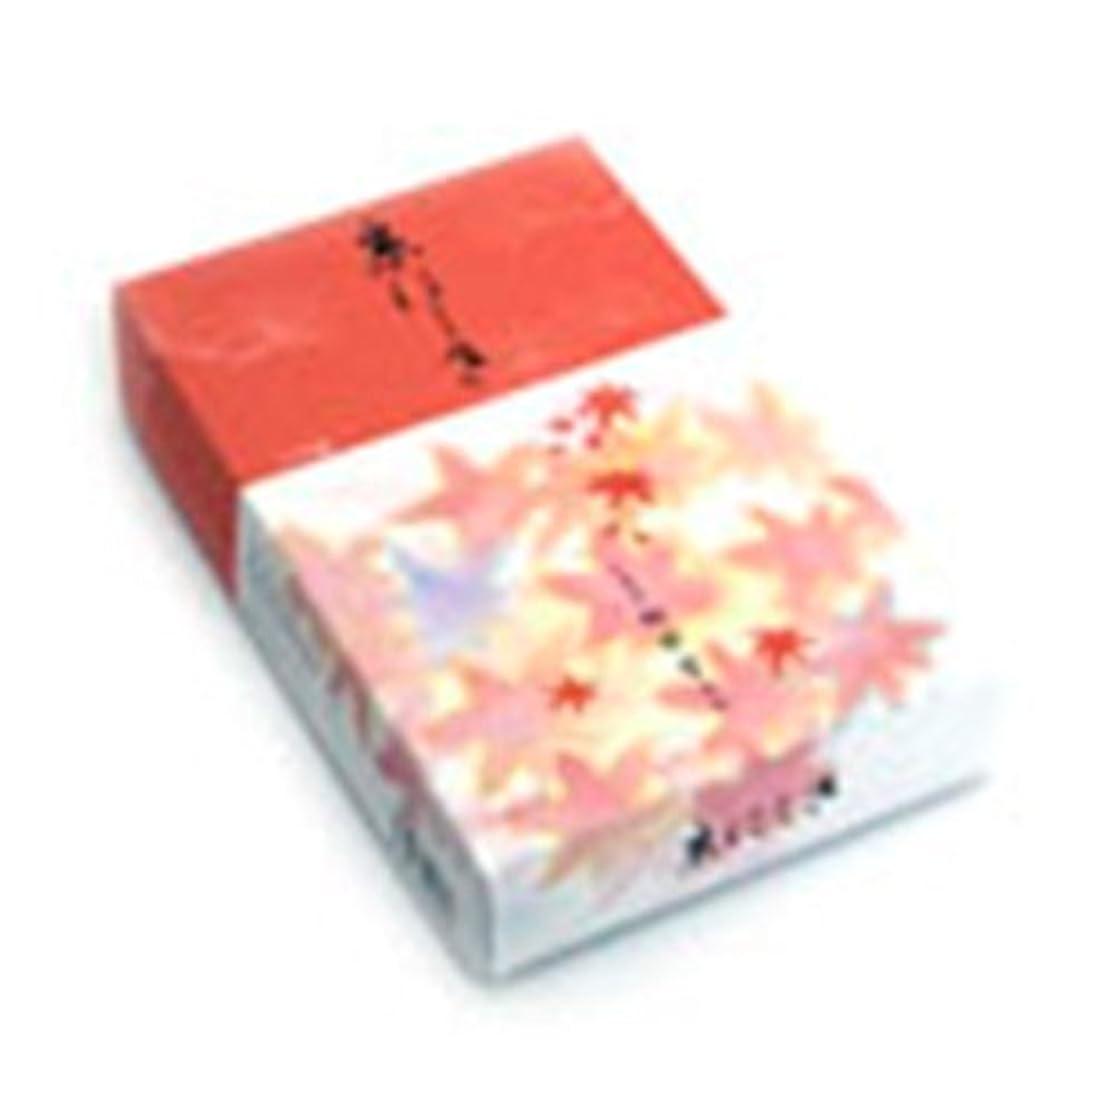 固める圧倒的野球Shoyeido's Kyoto Autumn Leaves Incense, 450 Sticks - Kyo-nishiki, New, Free Ship